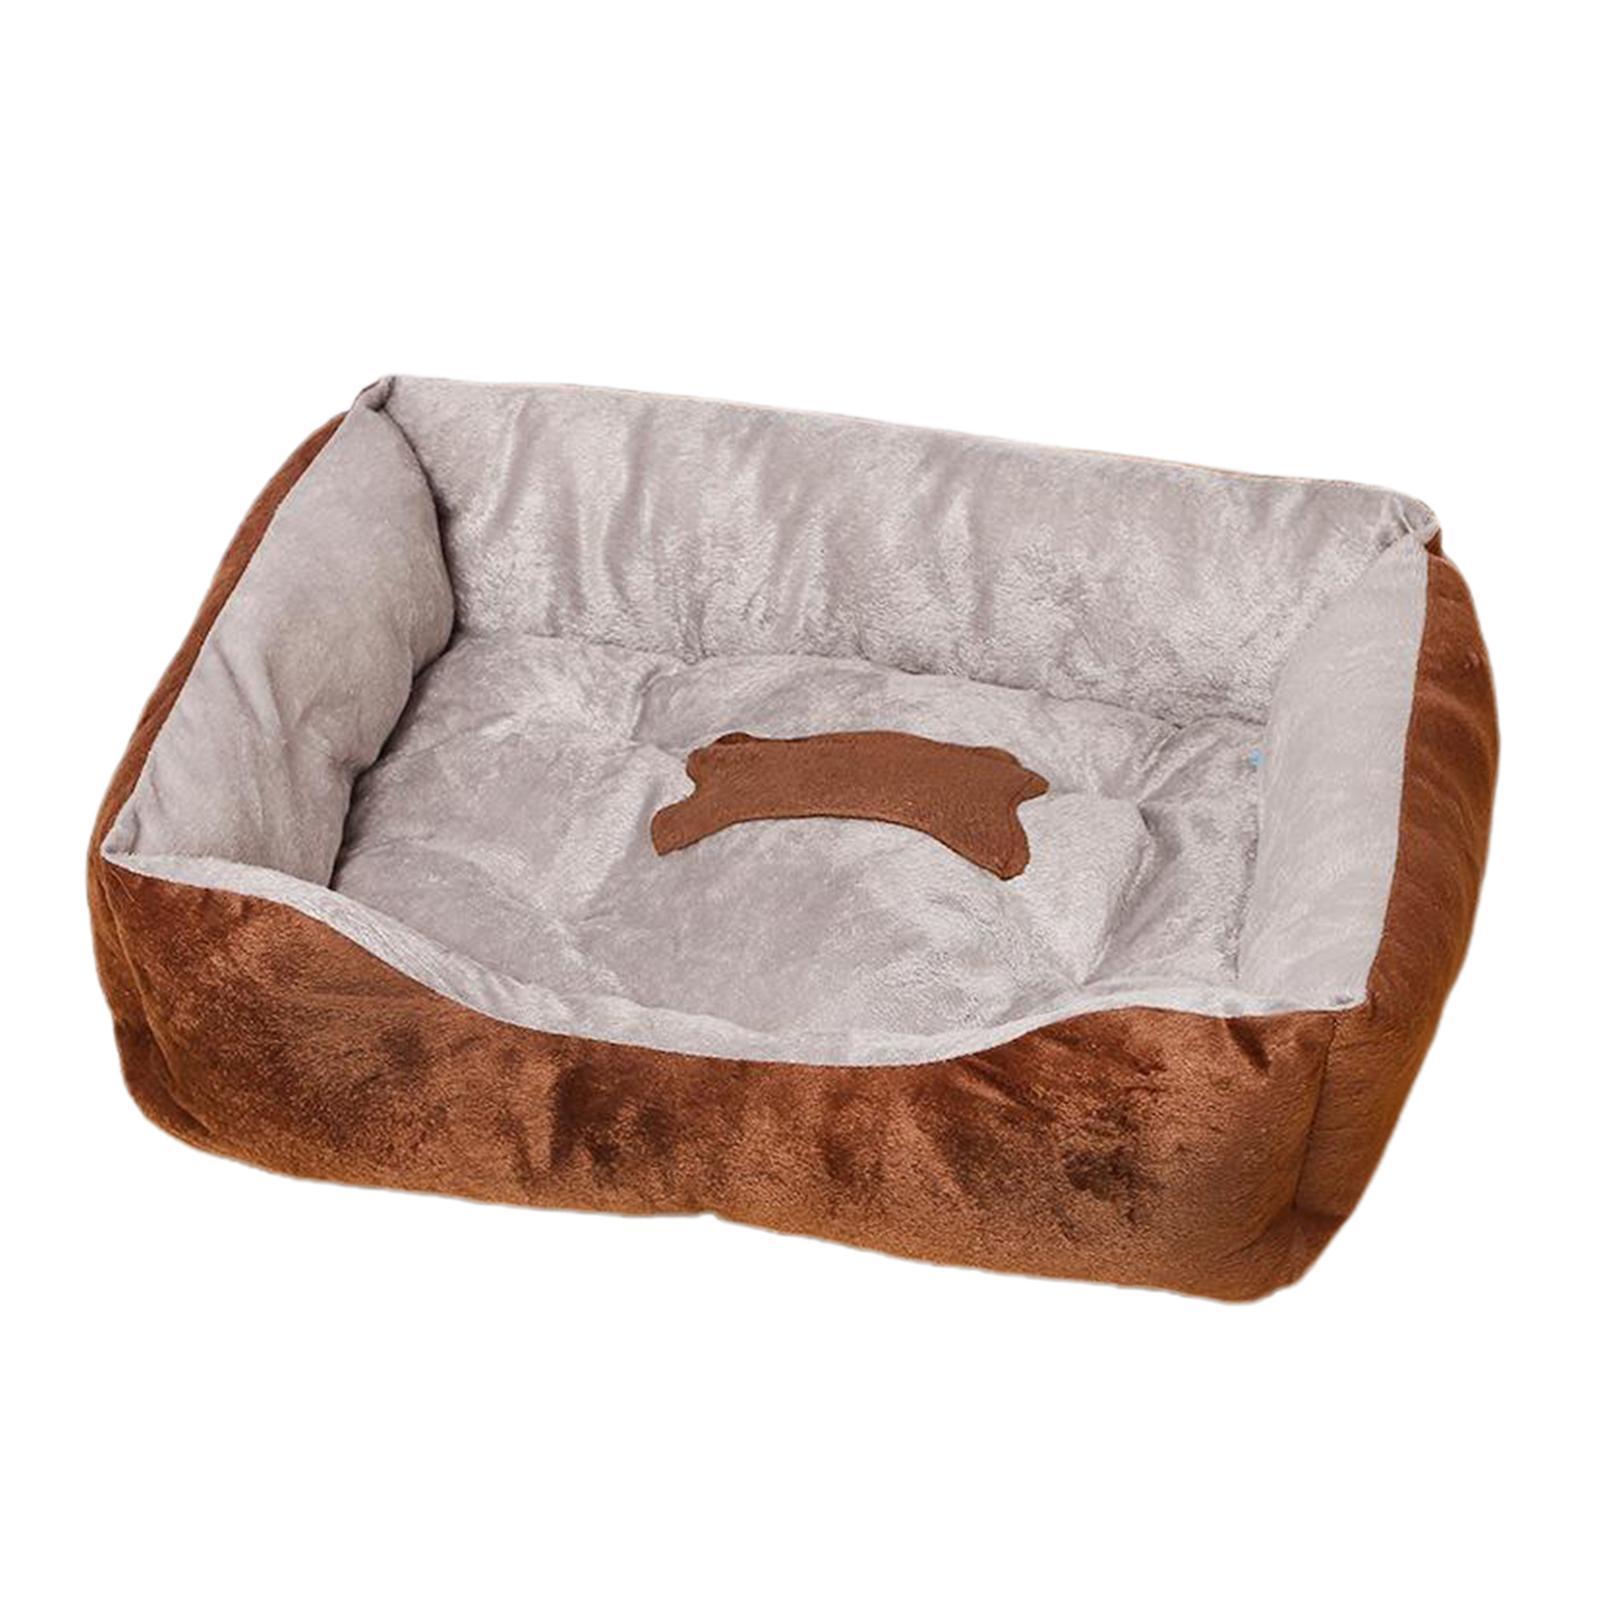 Indexbild 39 - Katze-Hund-Bett-Pet-Kissen-Betten-Haus-Schlaf-Soft-Warmen-Zwinger-Decke-Nest